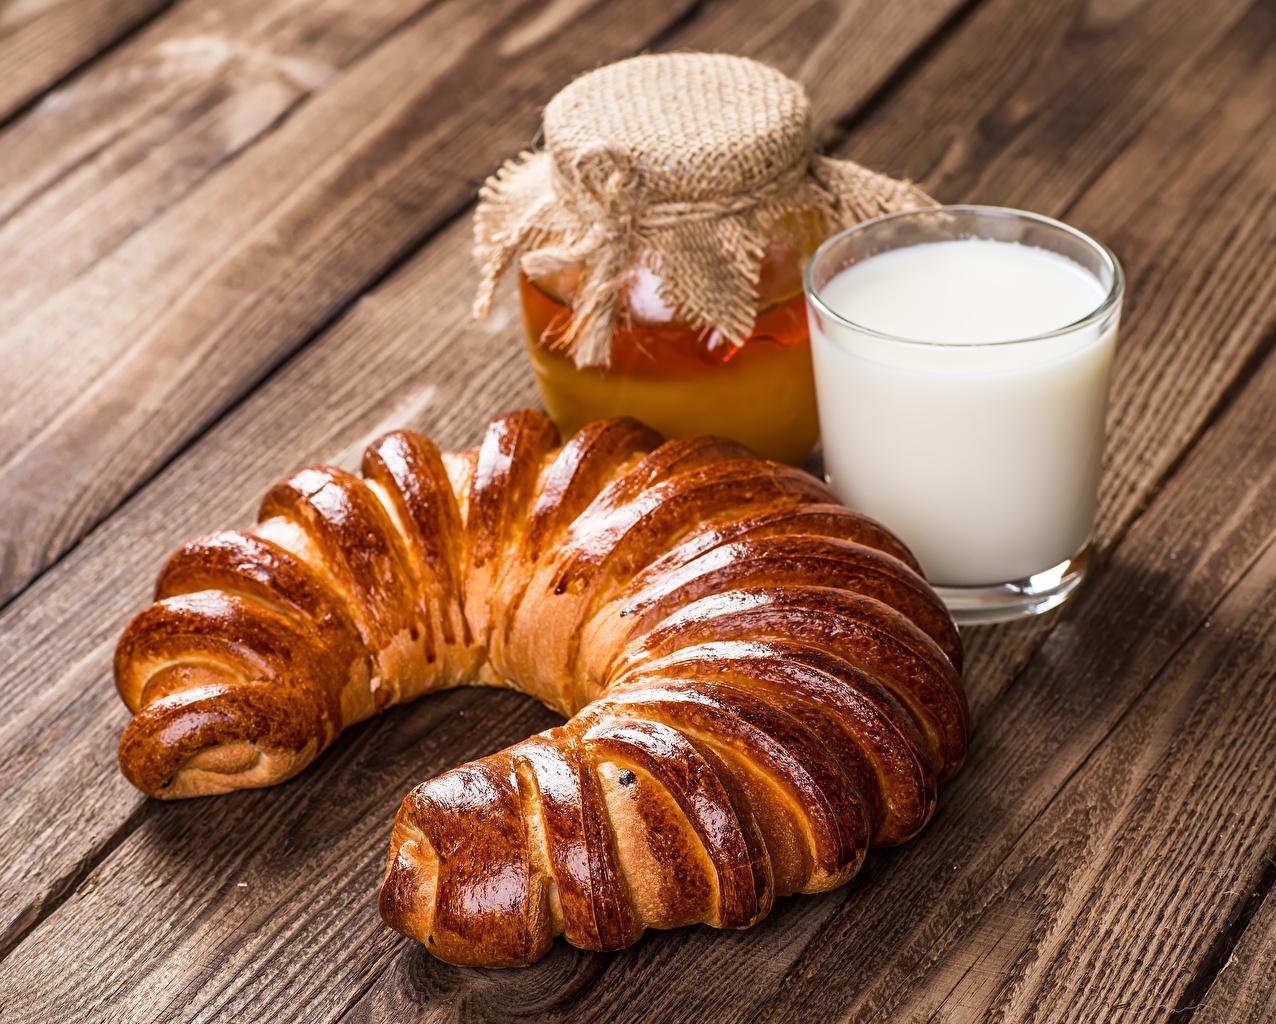 Картинки Молоко Мед Банка стакане Еда Выпечка Доски банке банки Стакан стакана Пища Продукты питания